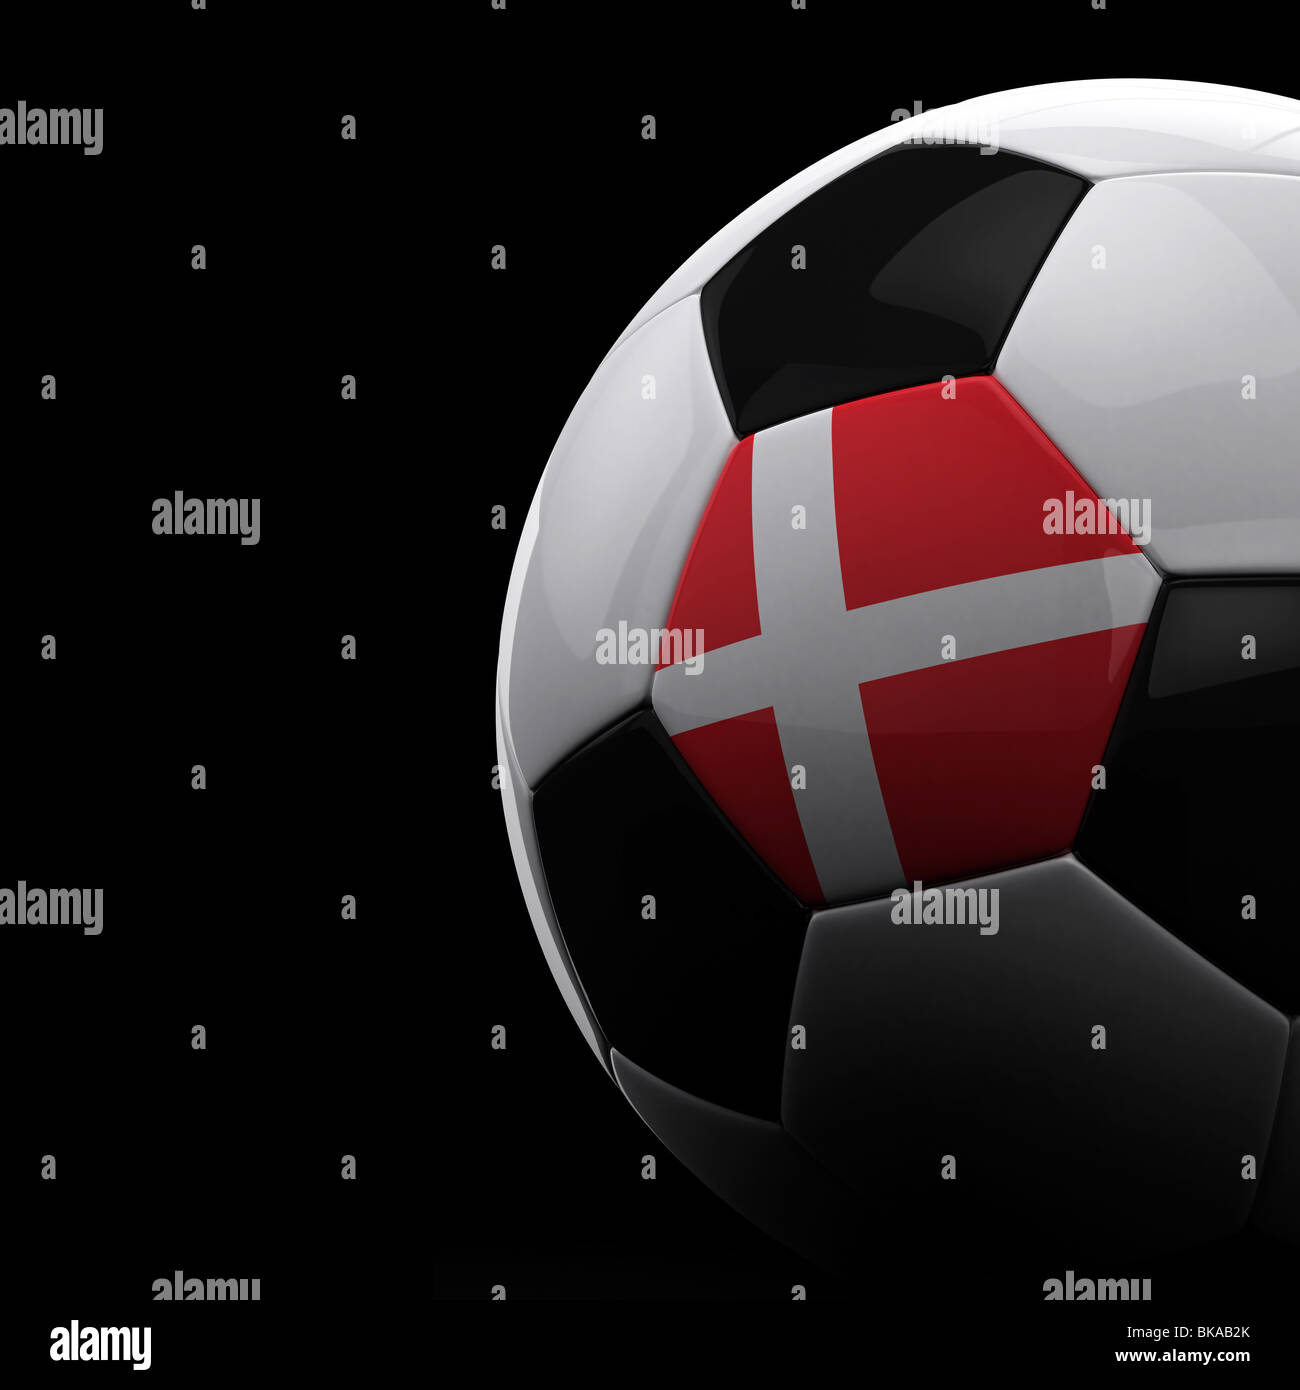 Danish soccer ball on black background - Stock Image